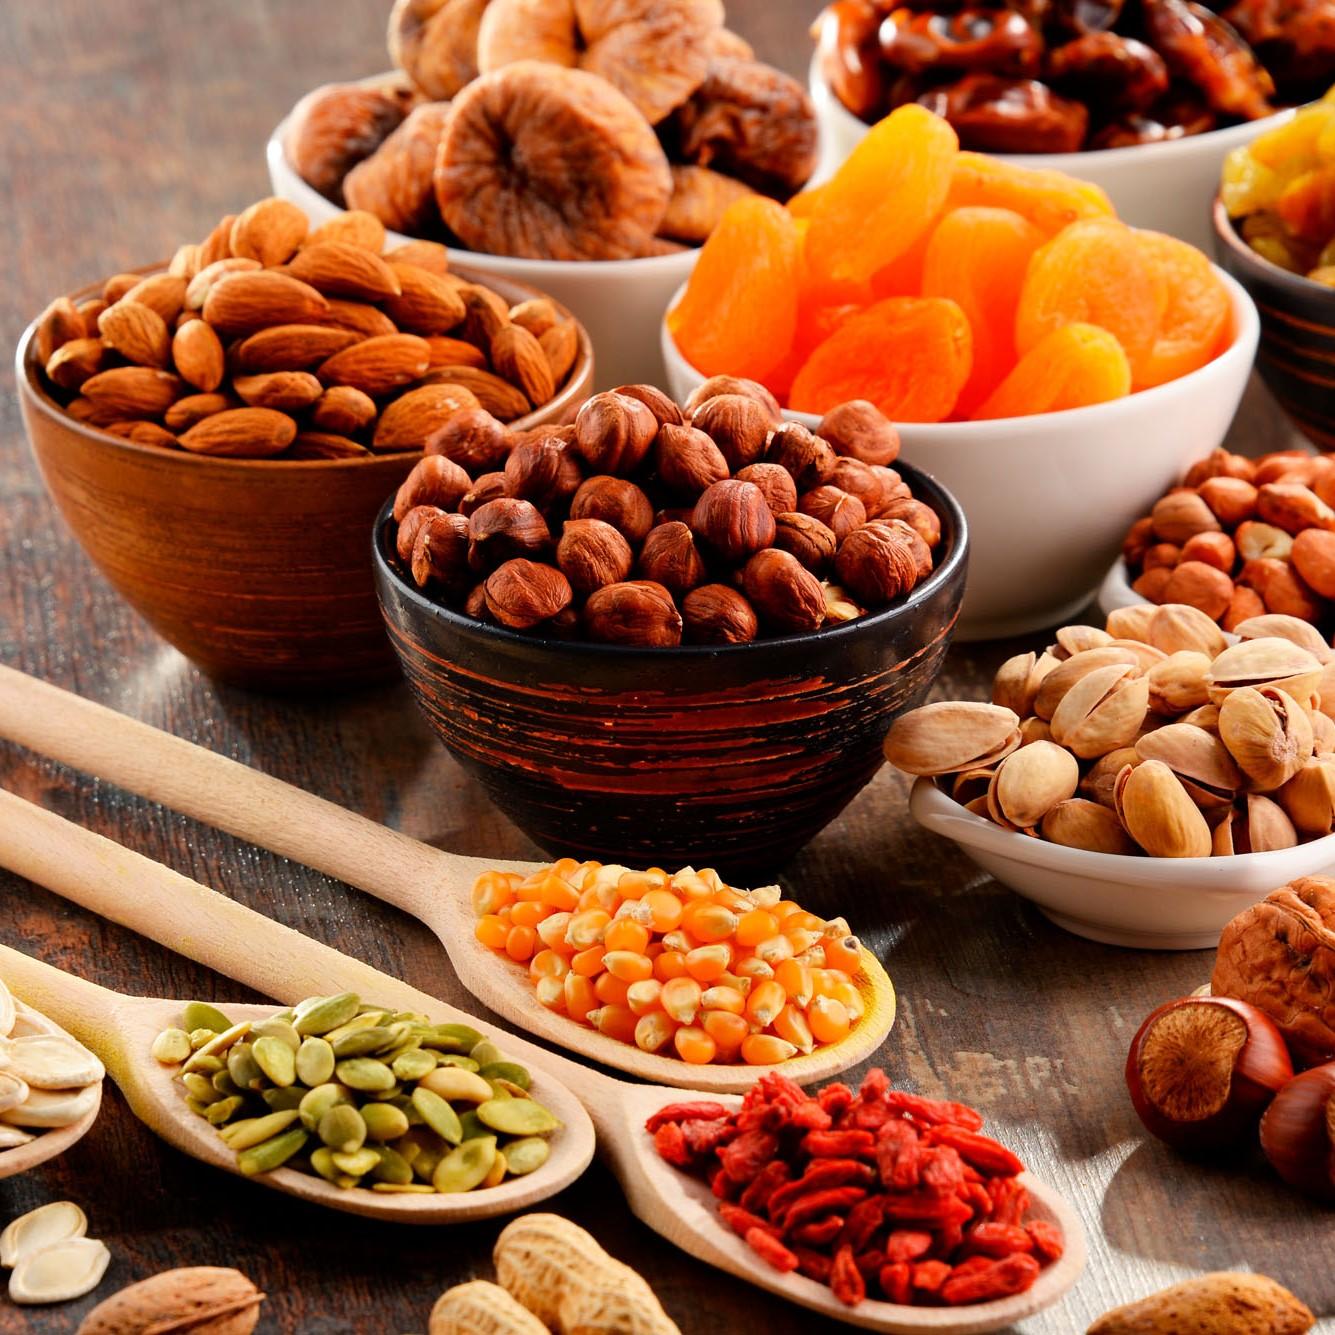 Les bienfaits des fruits séchés et fruits à coque <br>